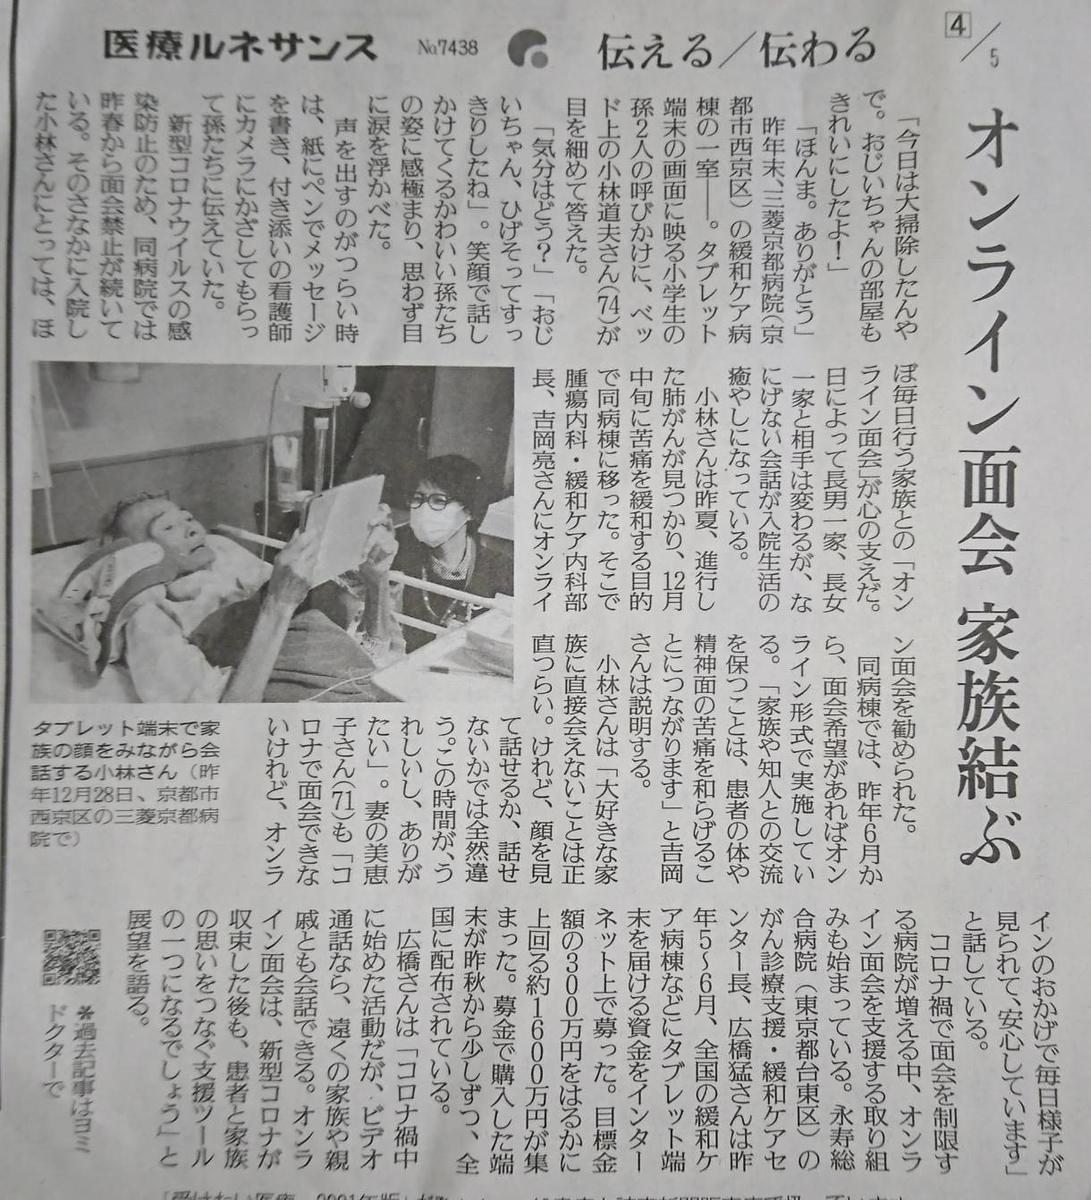 f:id:kazura-kobayashi:20210214180216j:plain